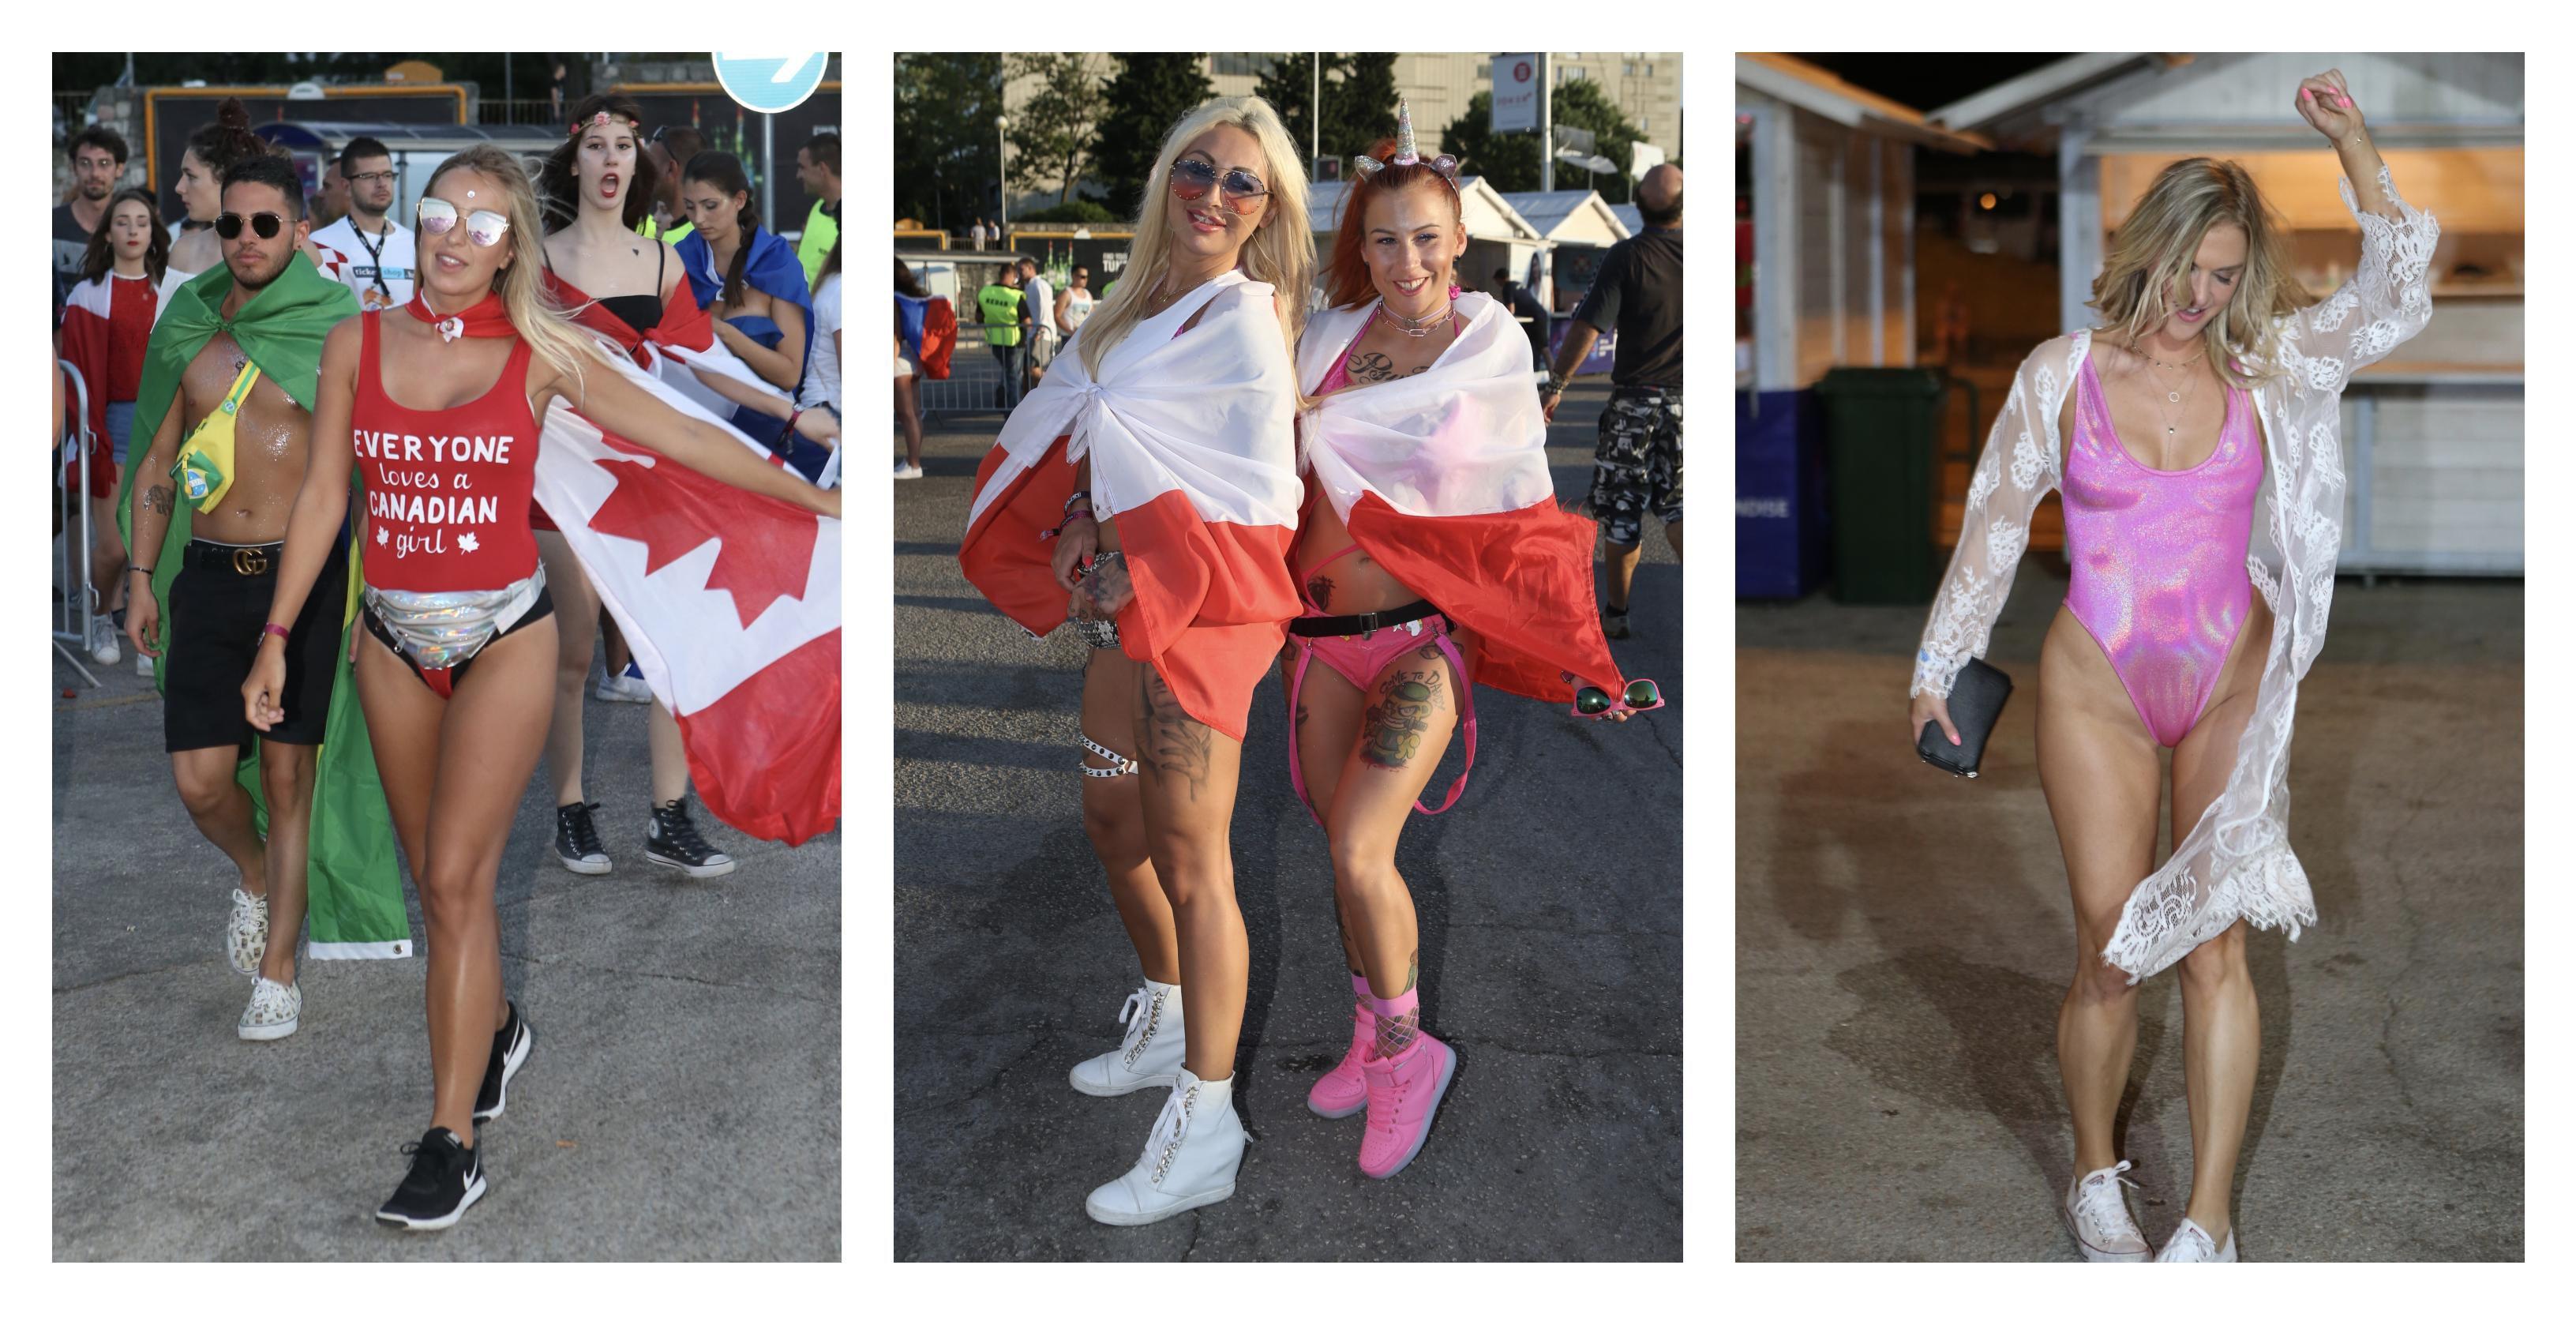 """Zastave i kupaći kostimi - dva najpoularnija """"odjevna"""" komada među posjetiteljima Ultre"""